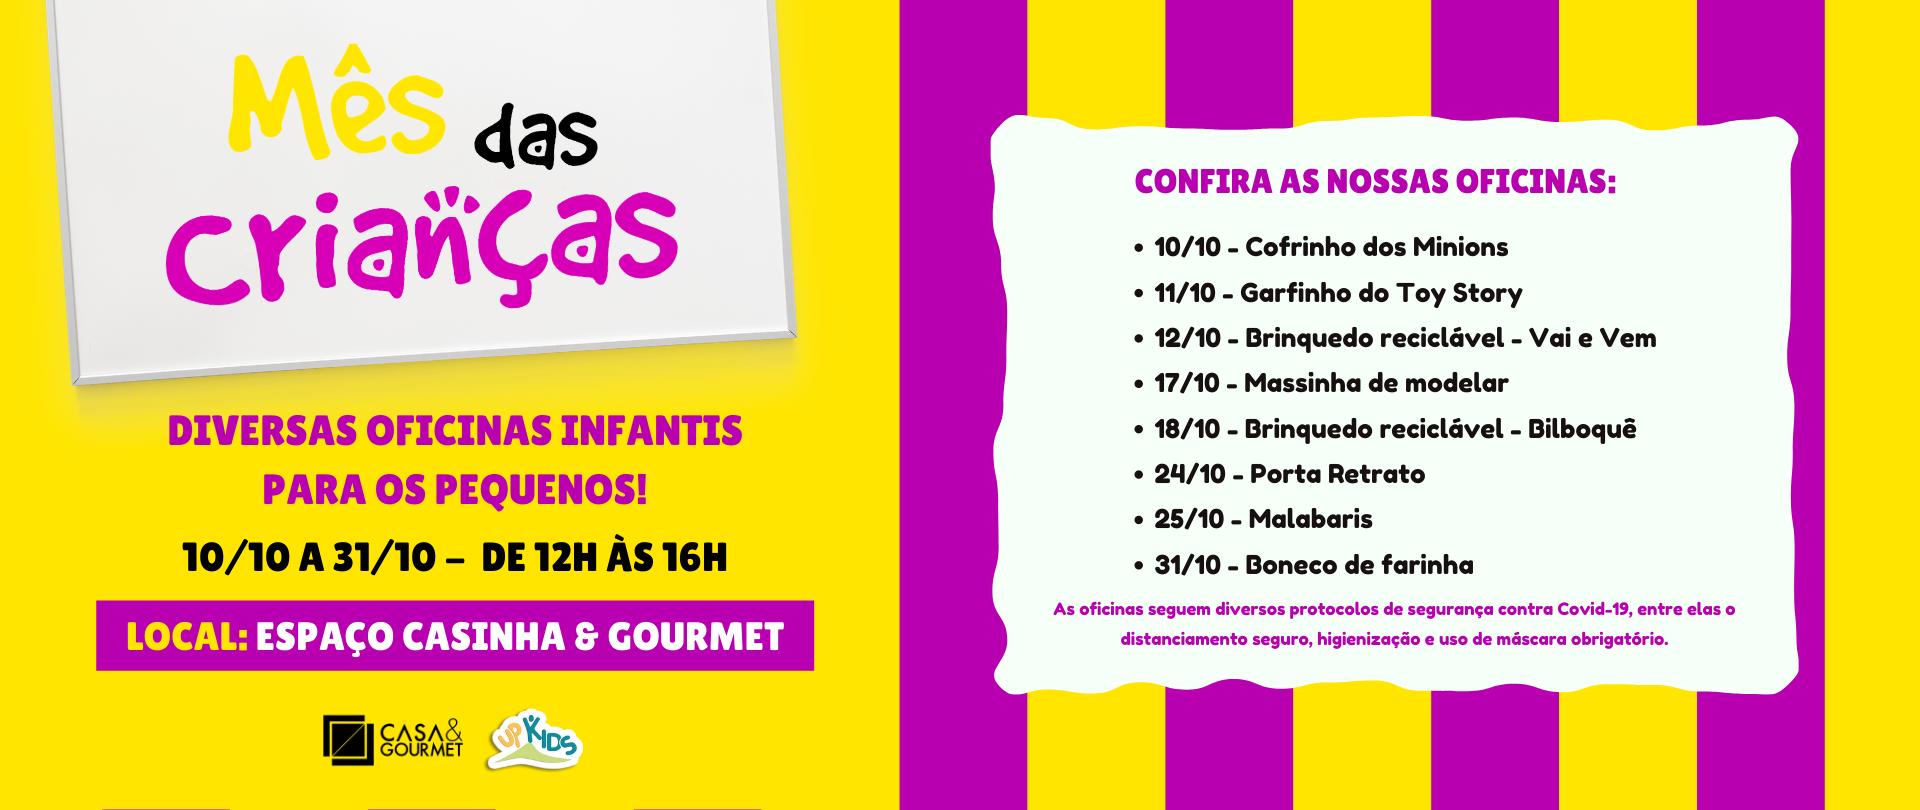 Mês das Crianças - Casa & Gourmet